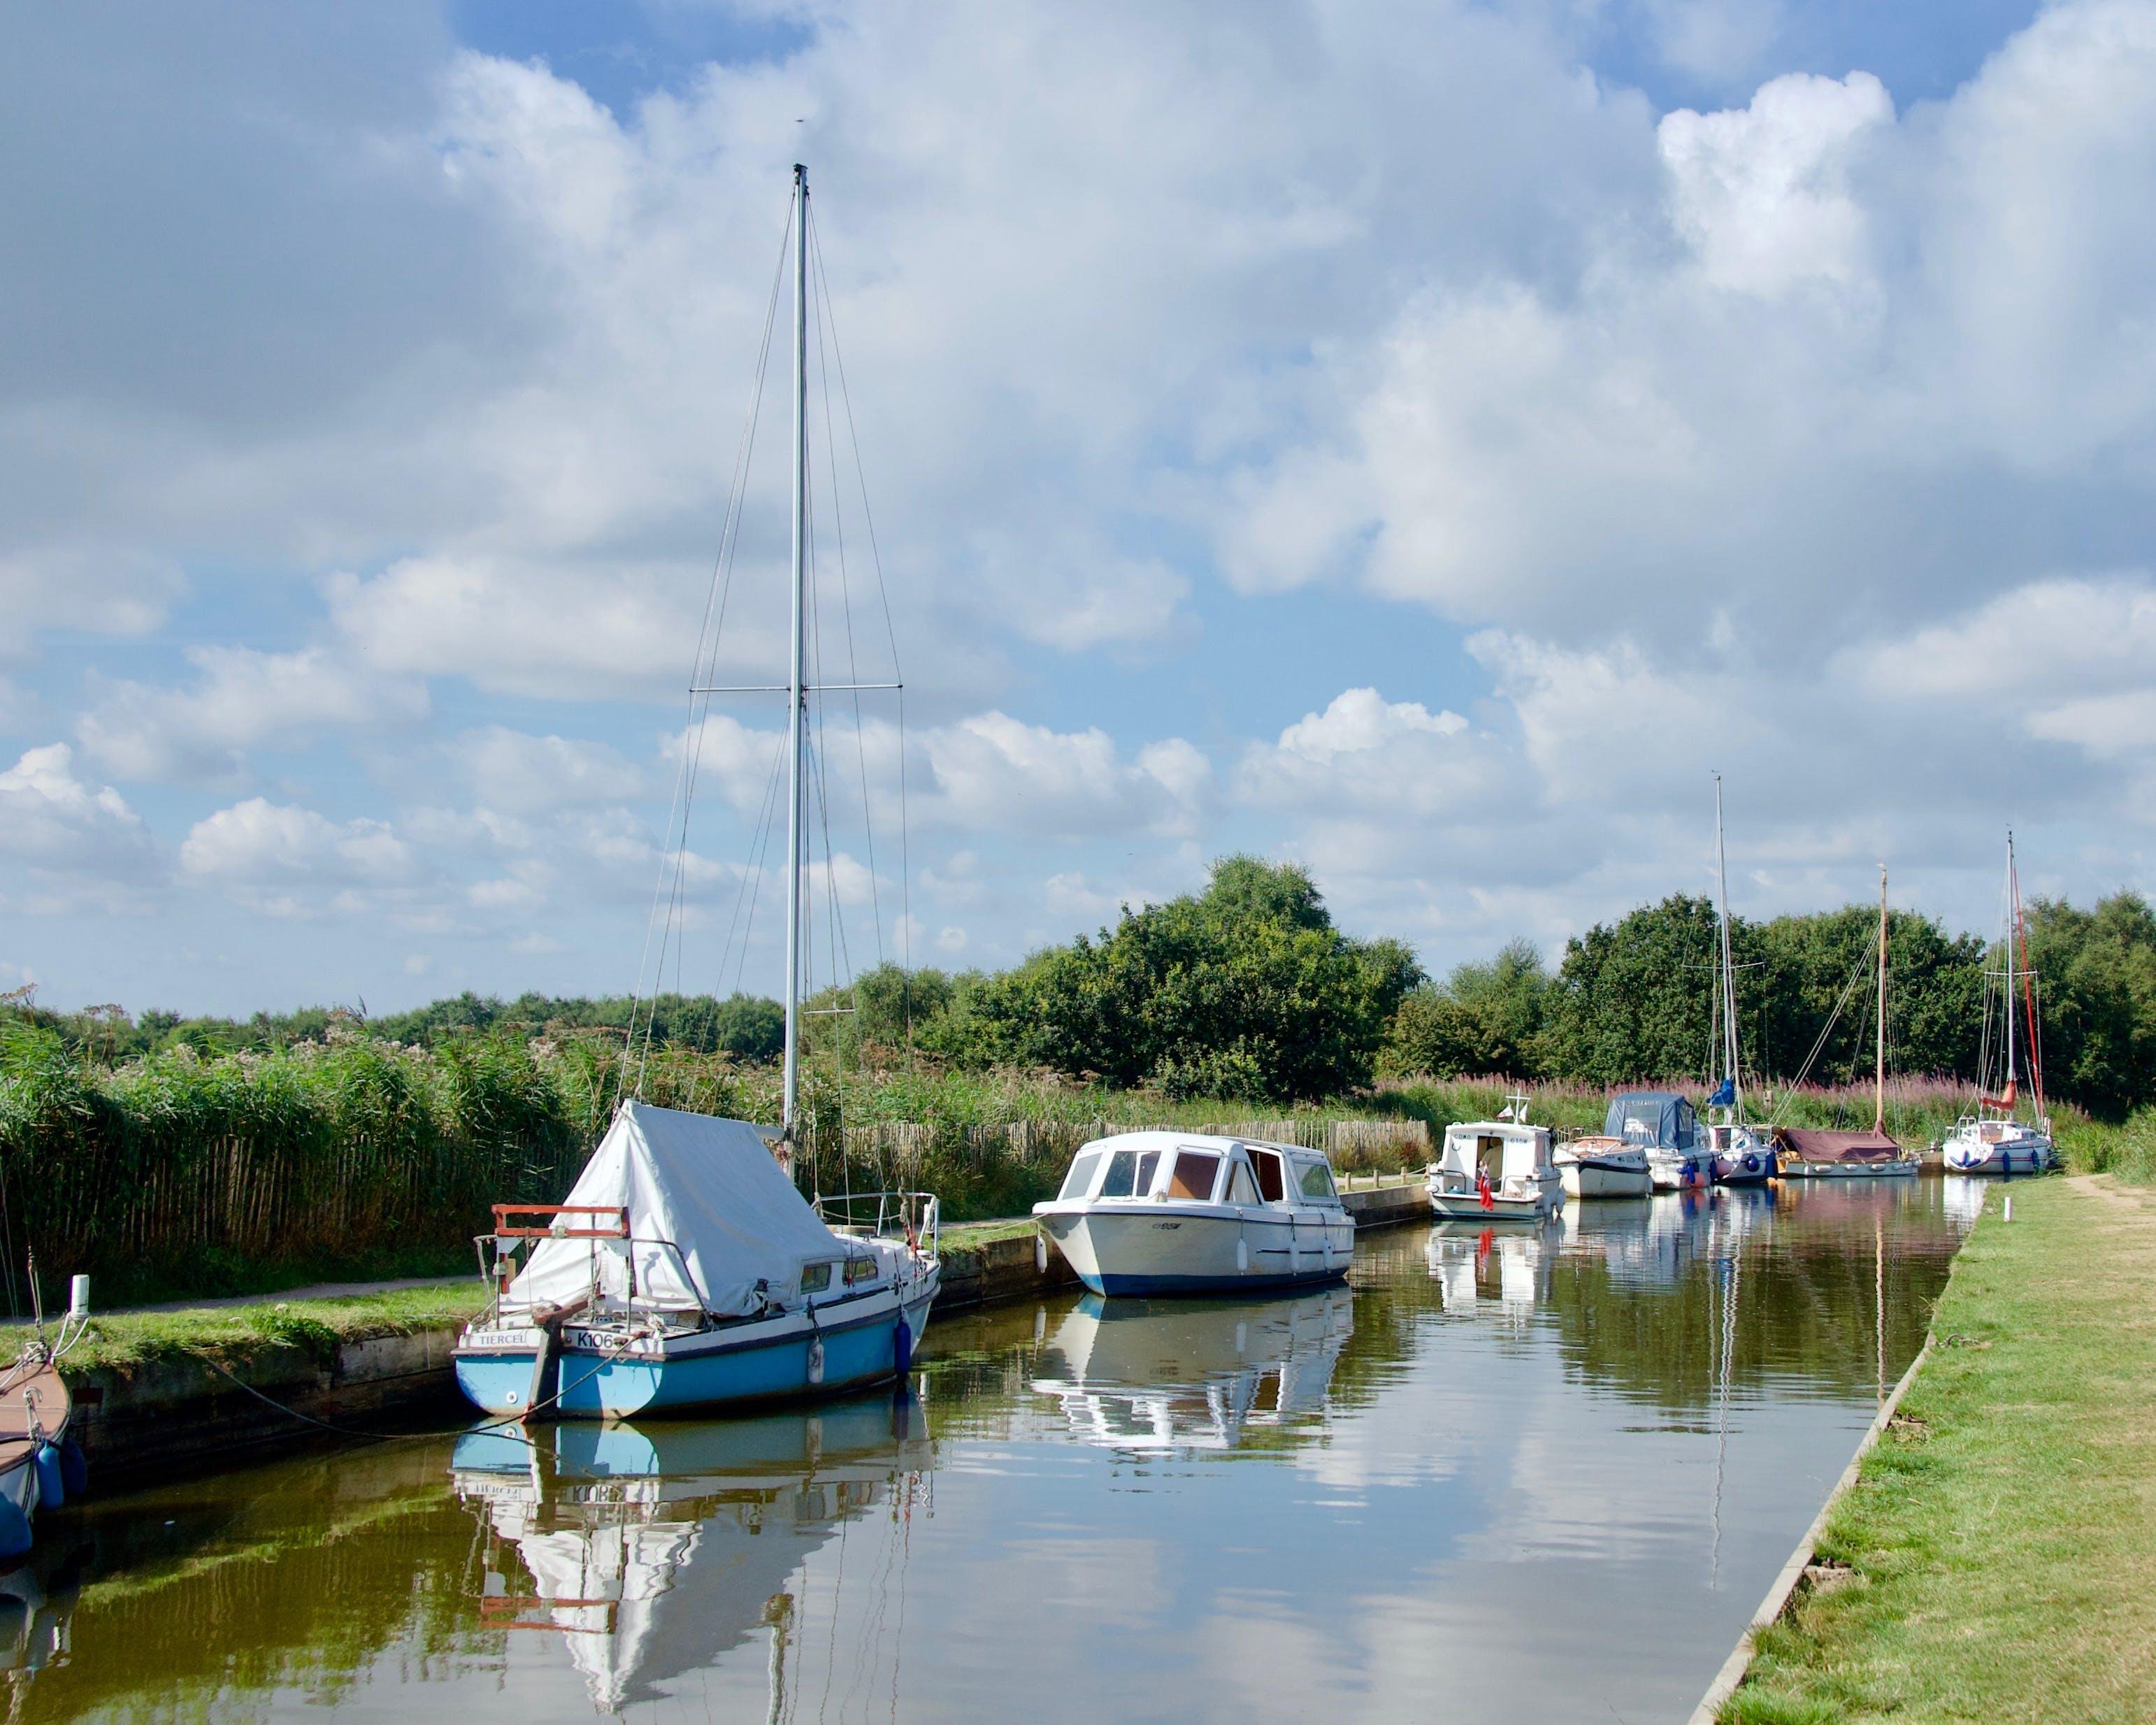 Free stock photo of boats, dyke, mooring, reflection